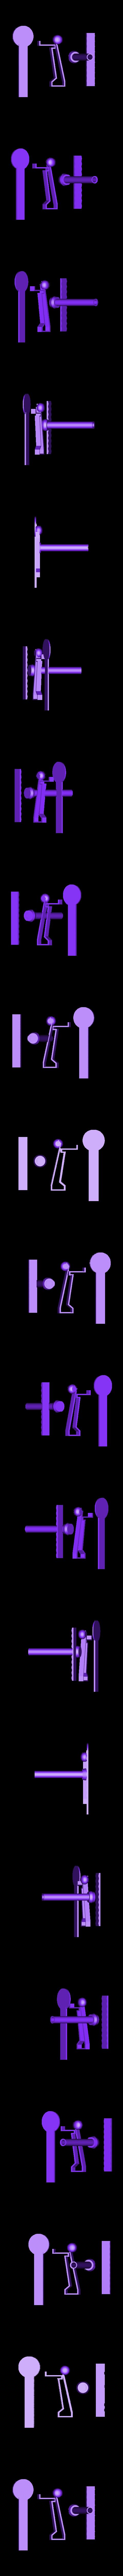 OneManBand_Sticks.STL Download free STL file 3D Printed One Man Band Musical Instrument • 3D printable model, 3DSage